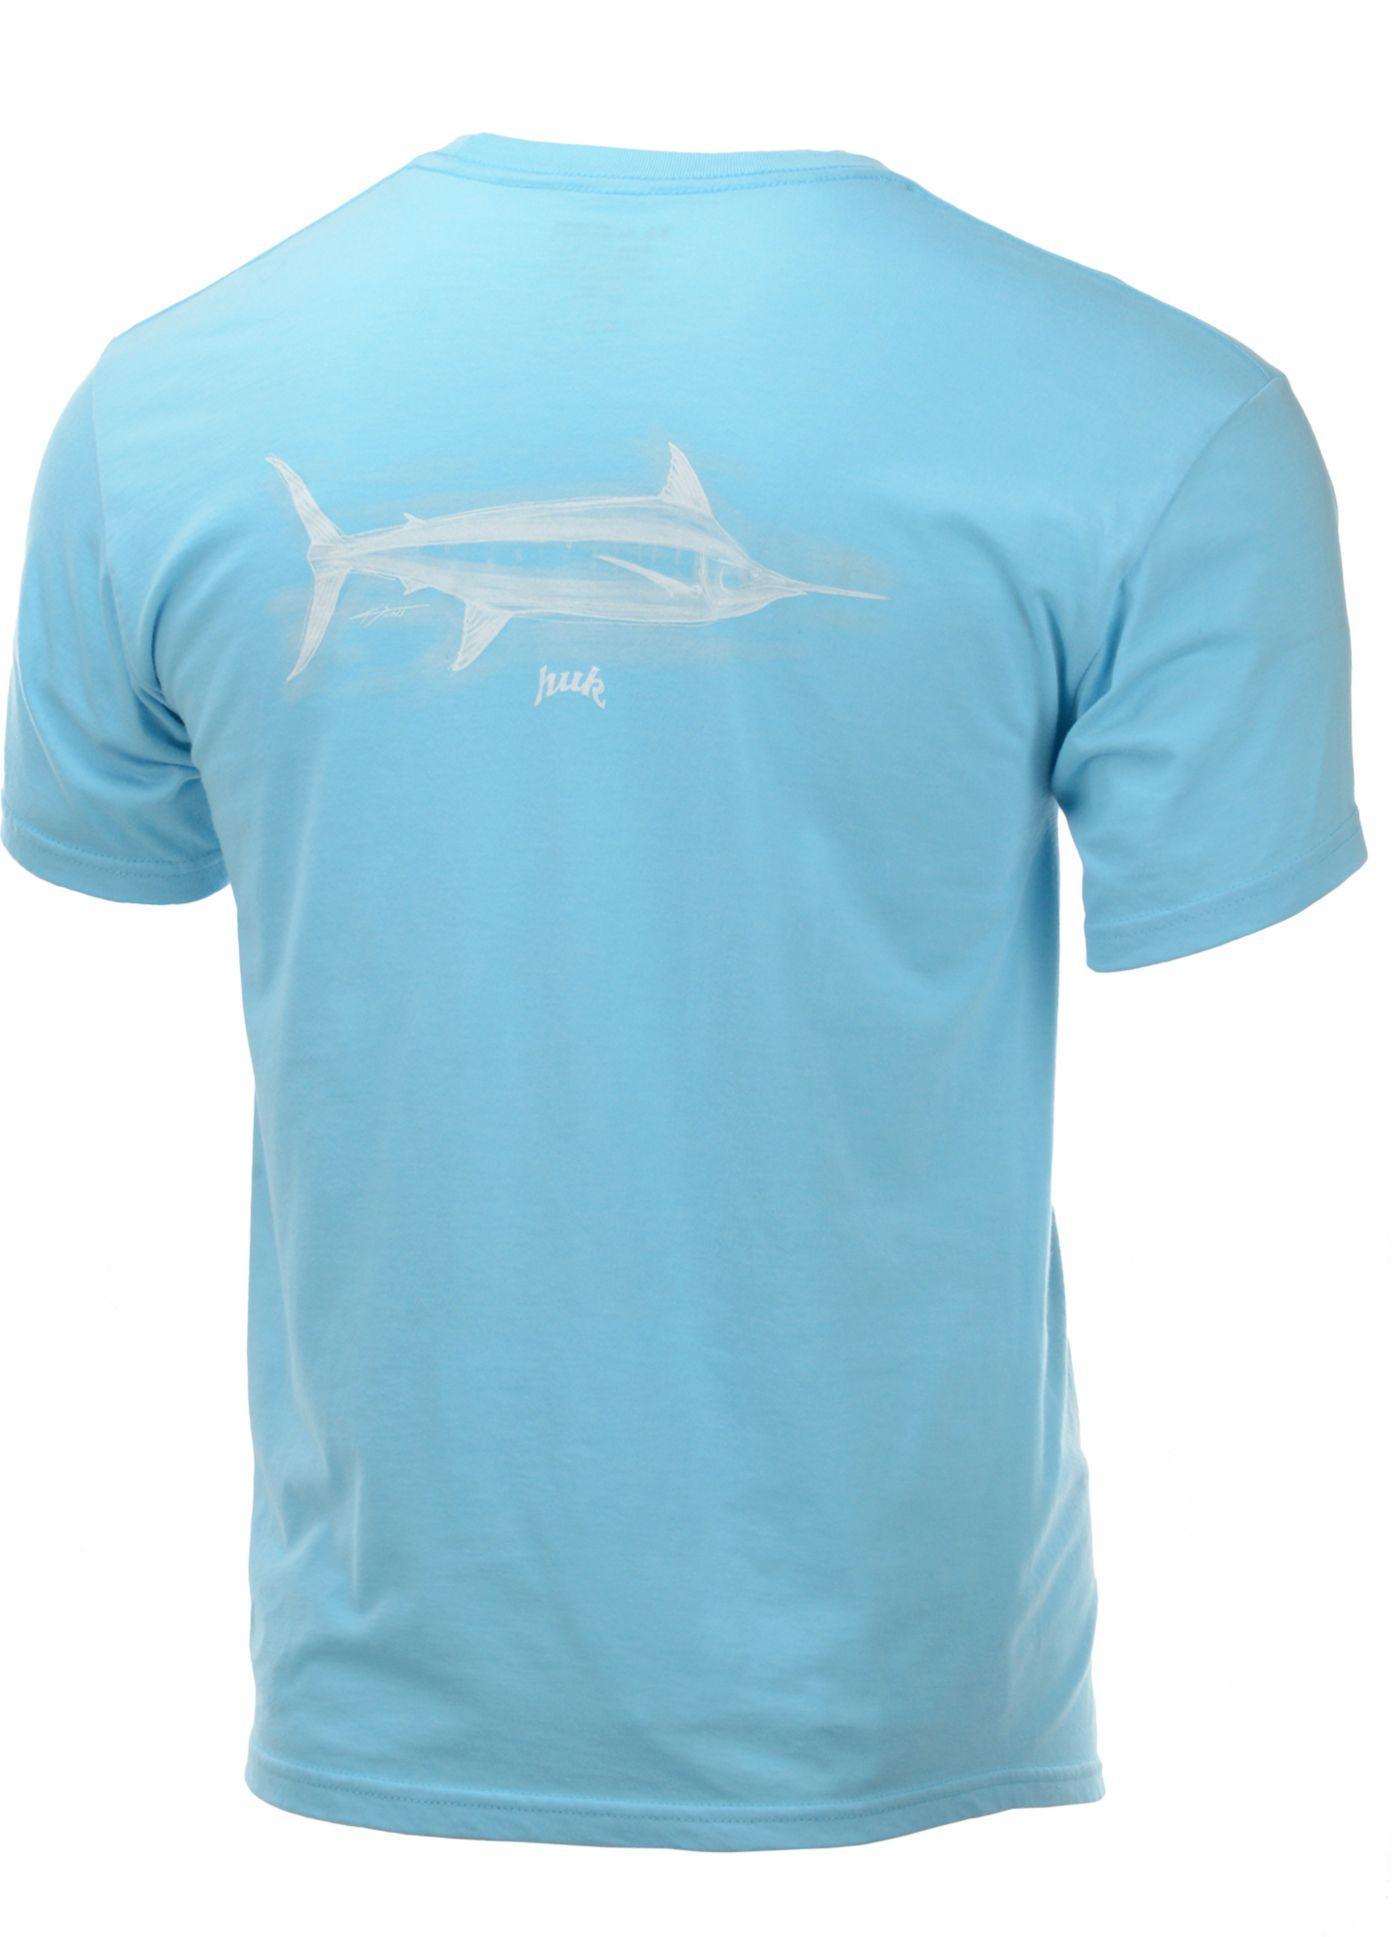 Huk Men's Marlin Ink Short Sleeve T-Shirt